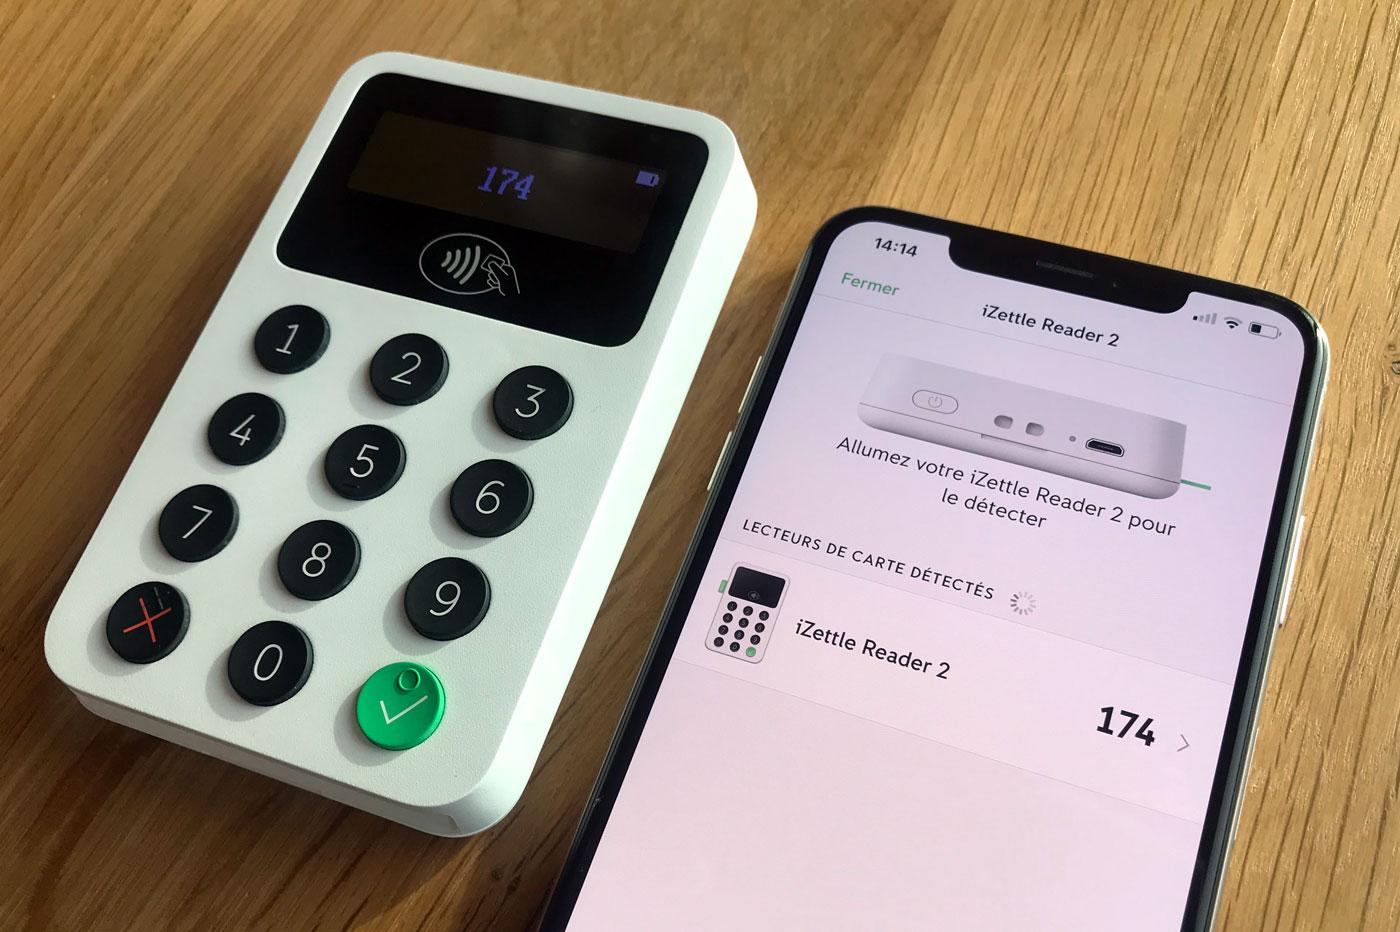 Allumer le iZettle Reader 2 pour établir la connexion